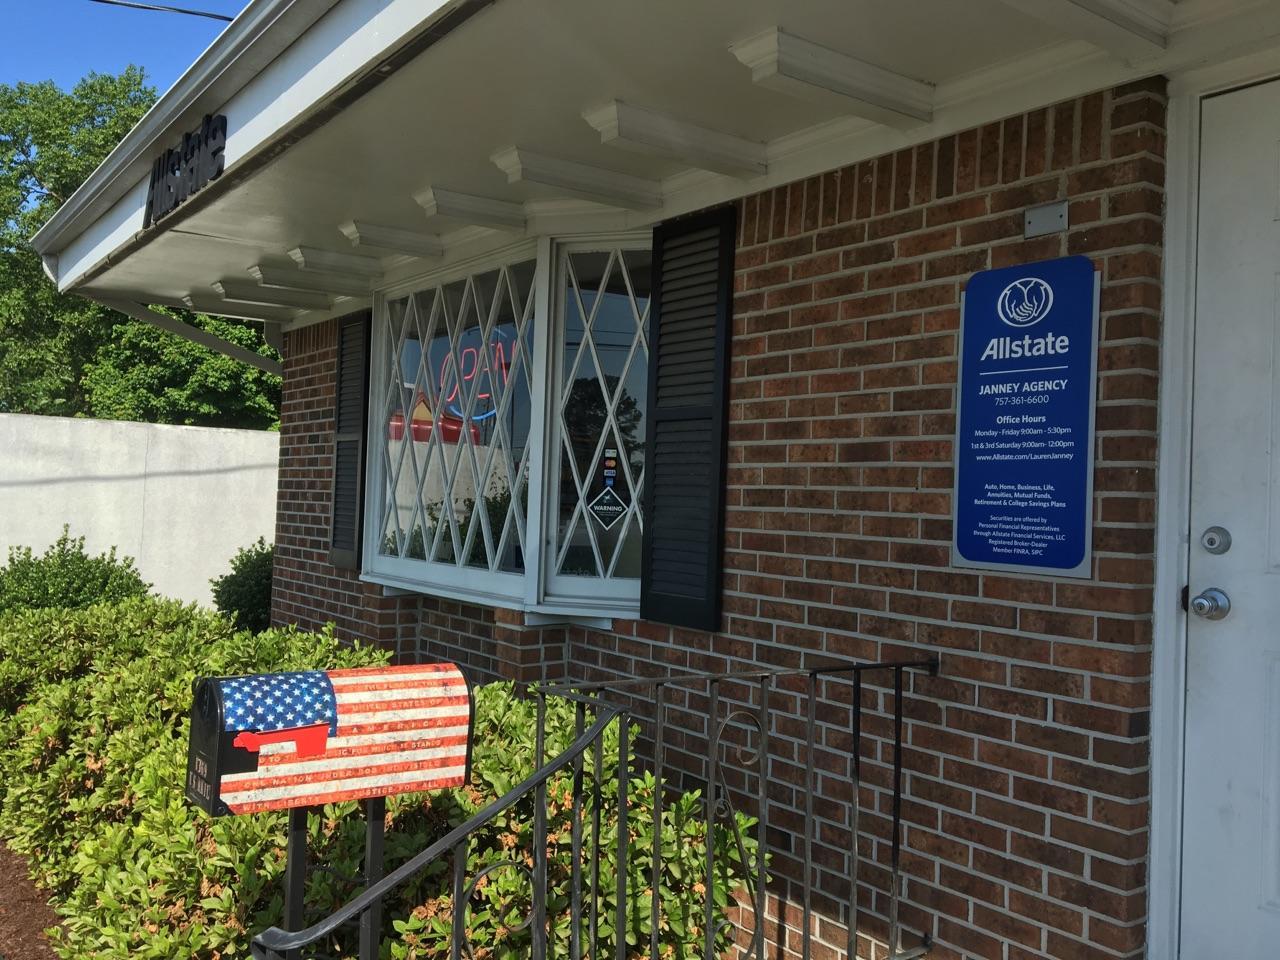 Allstate Insurance Agent: Janney Agency, LLC image 0